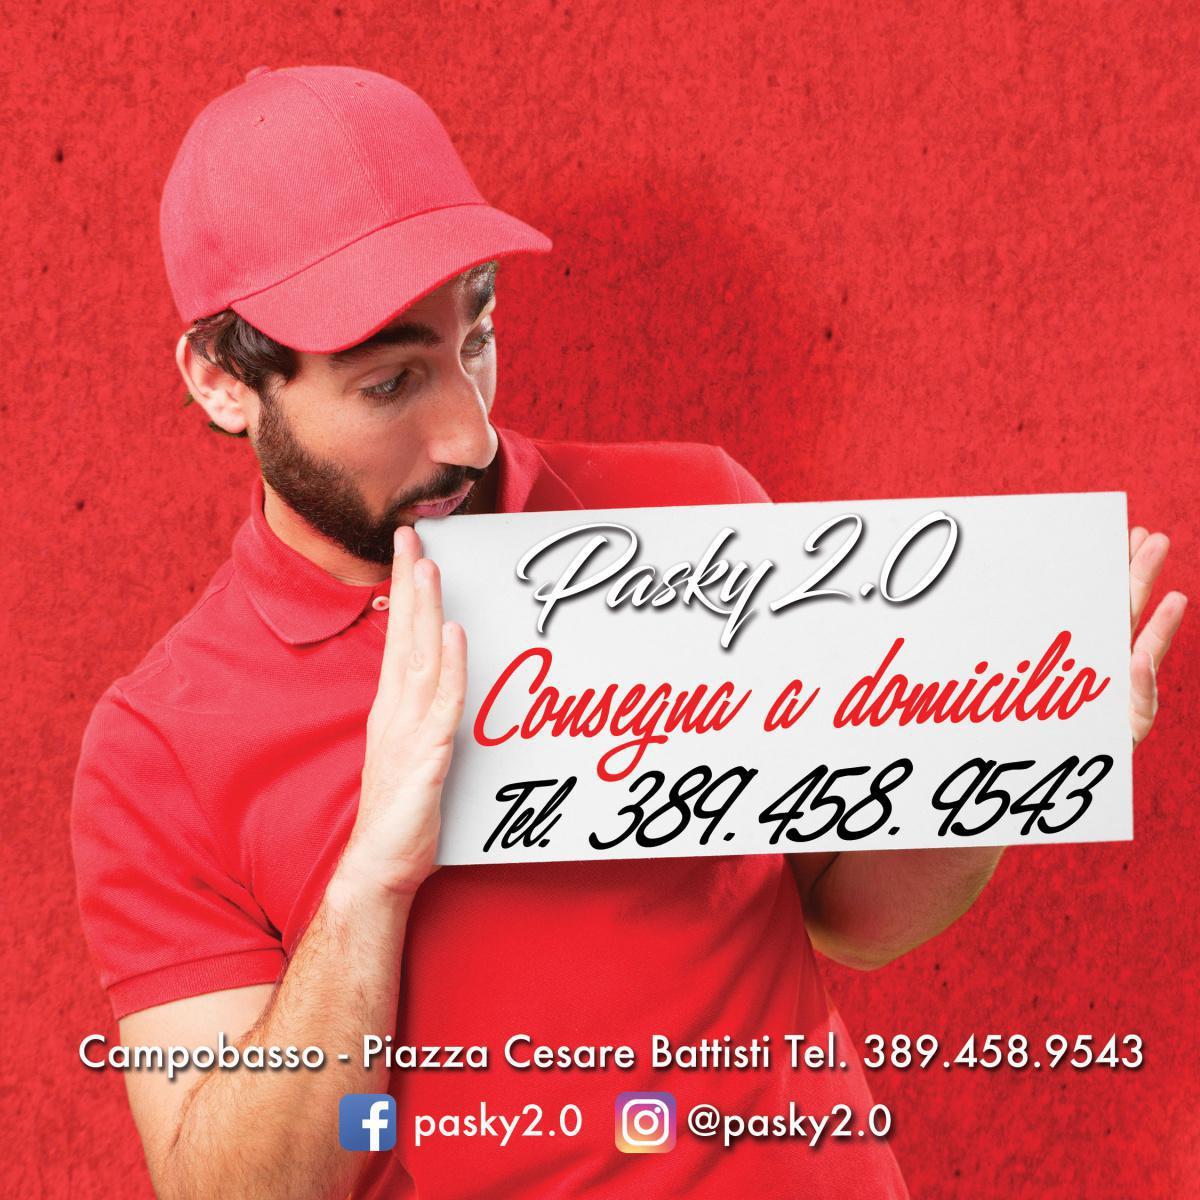 Ristorante Pizzeria Pasky2.0